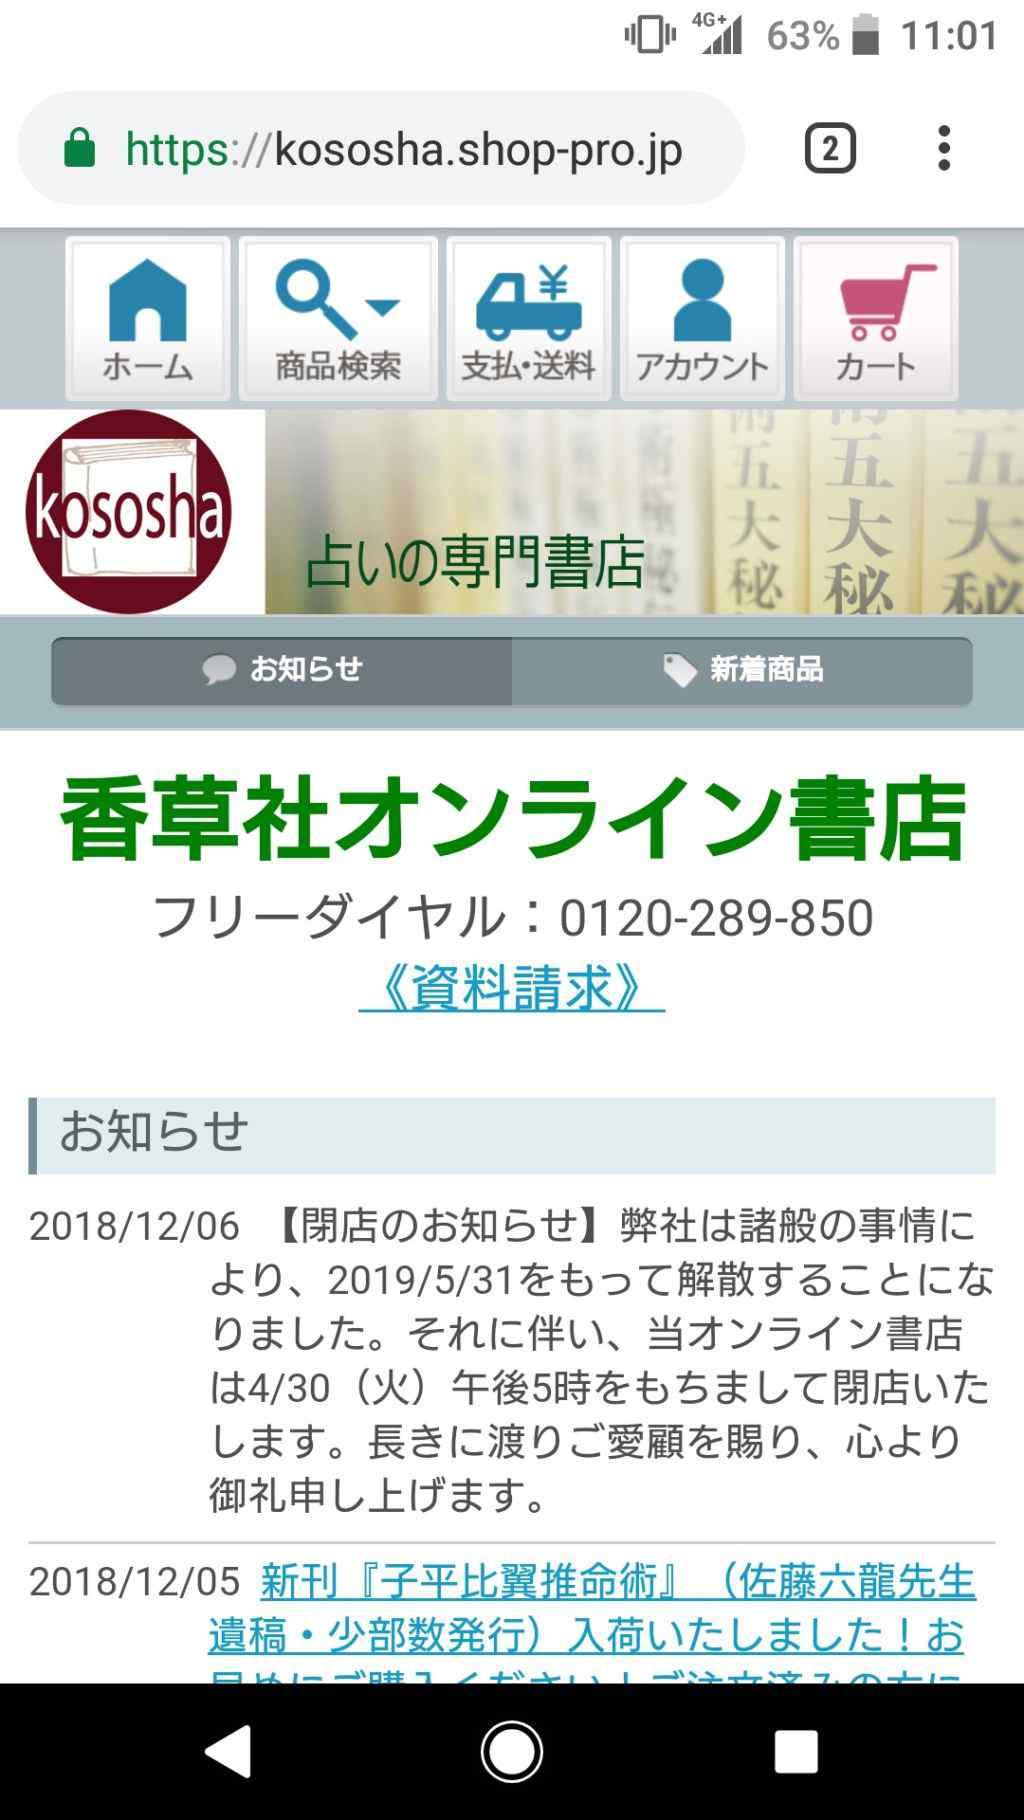 香草社ホームページの廃業のお知らせ